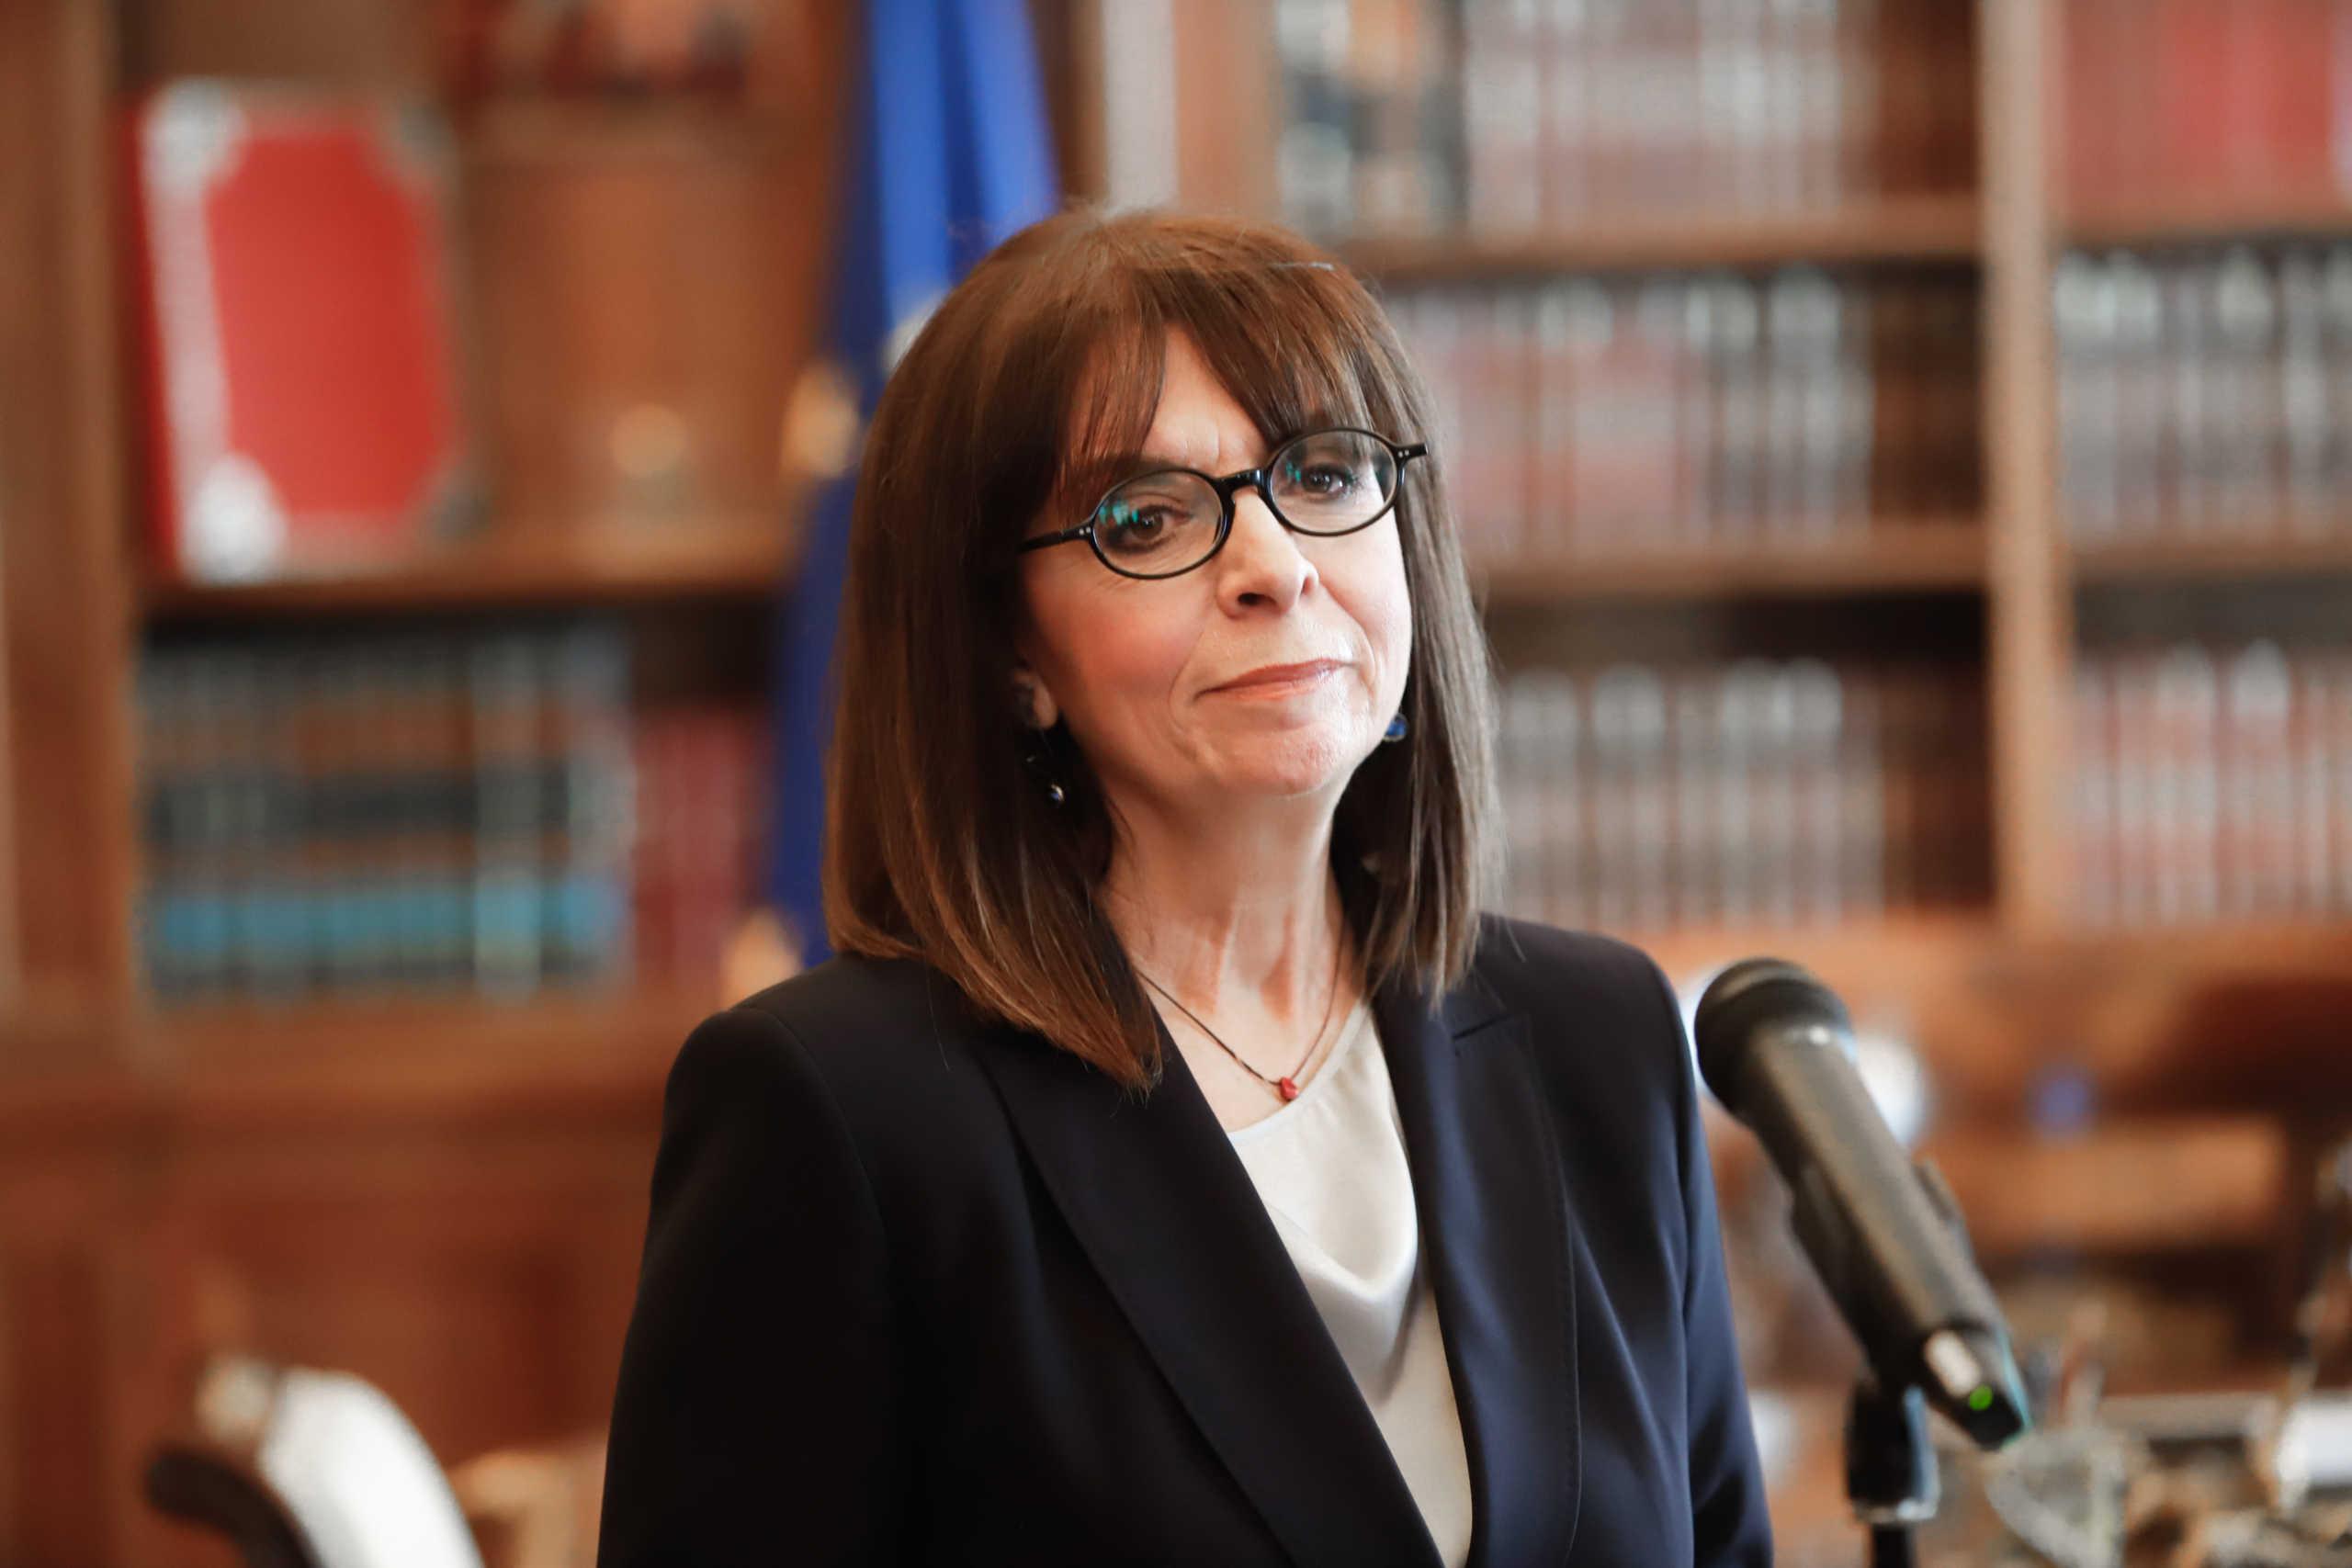 Σακελλαροπούλου, Πρόεδρος της Δημοκρατίας